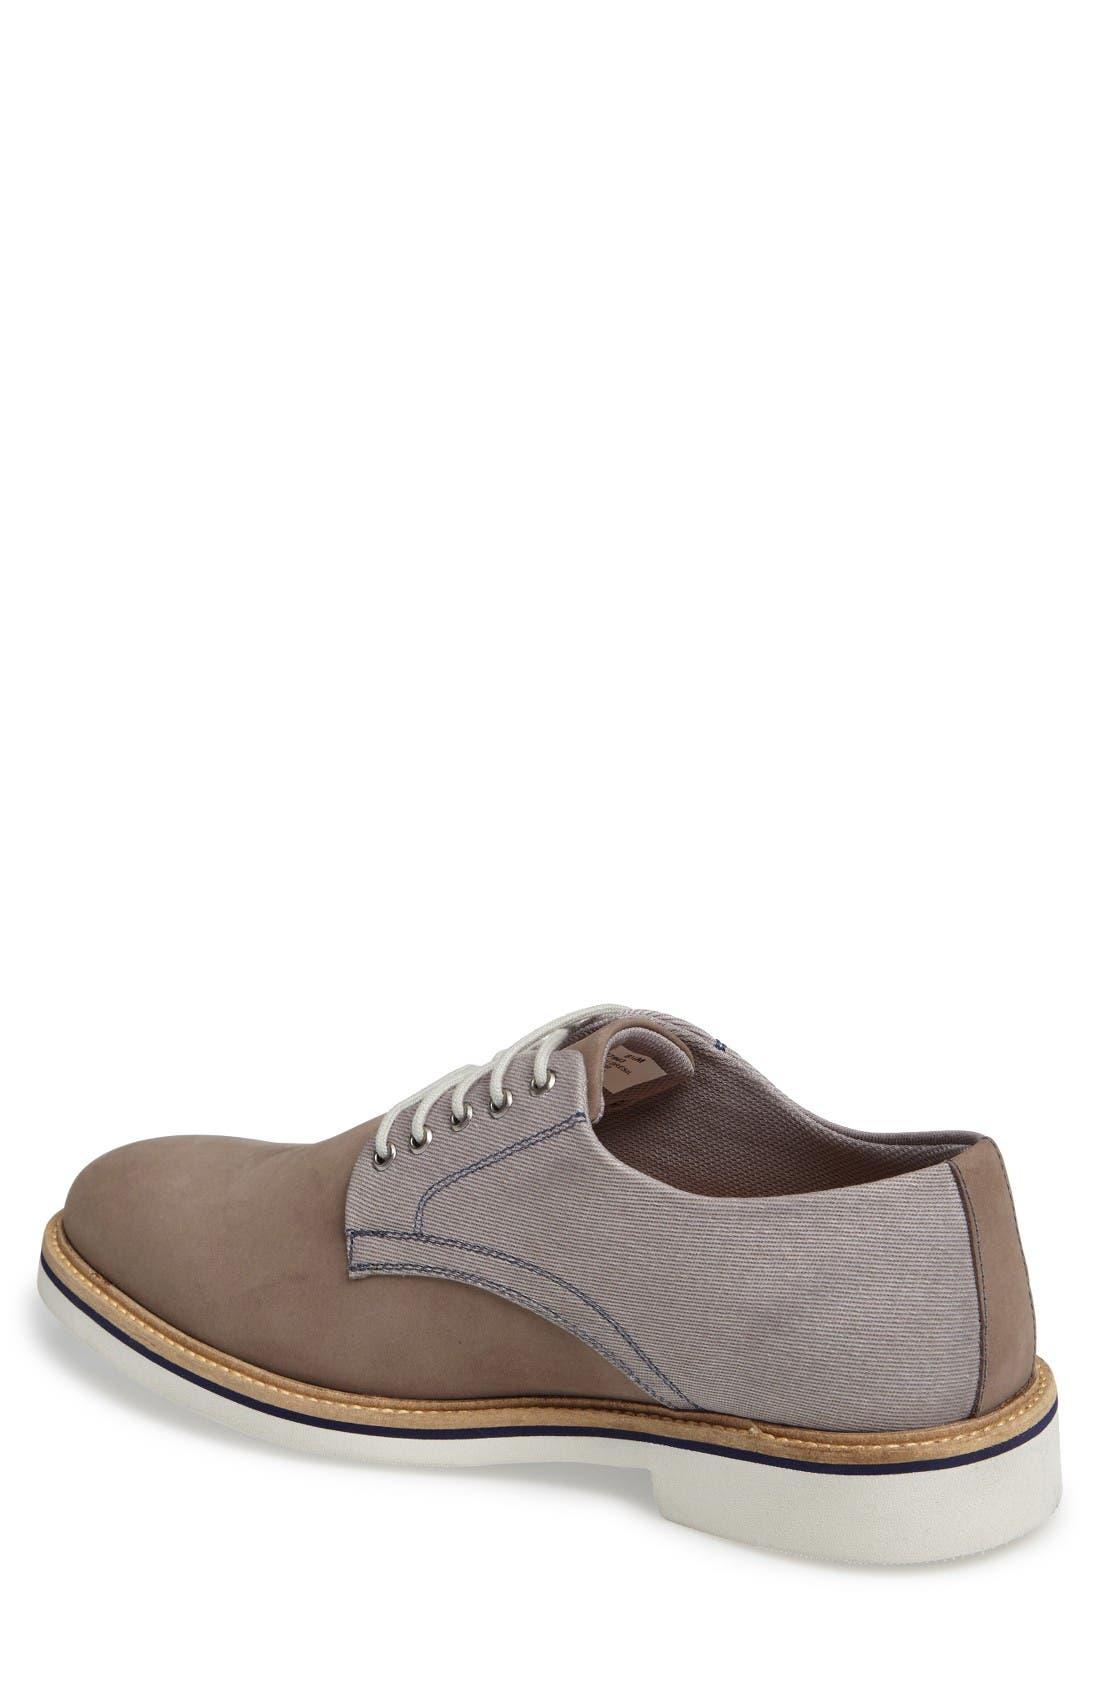 Alternate Image 2  - 1901 Jefferson Buck Shoe (Men)